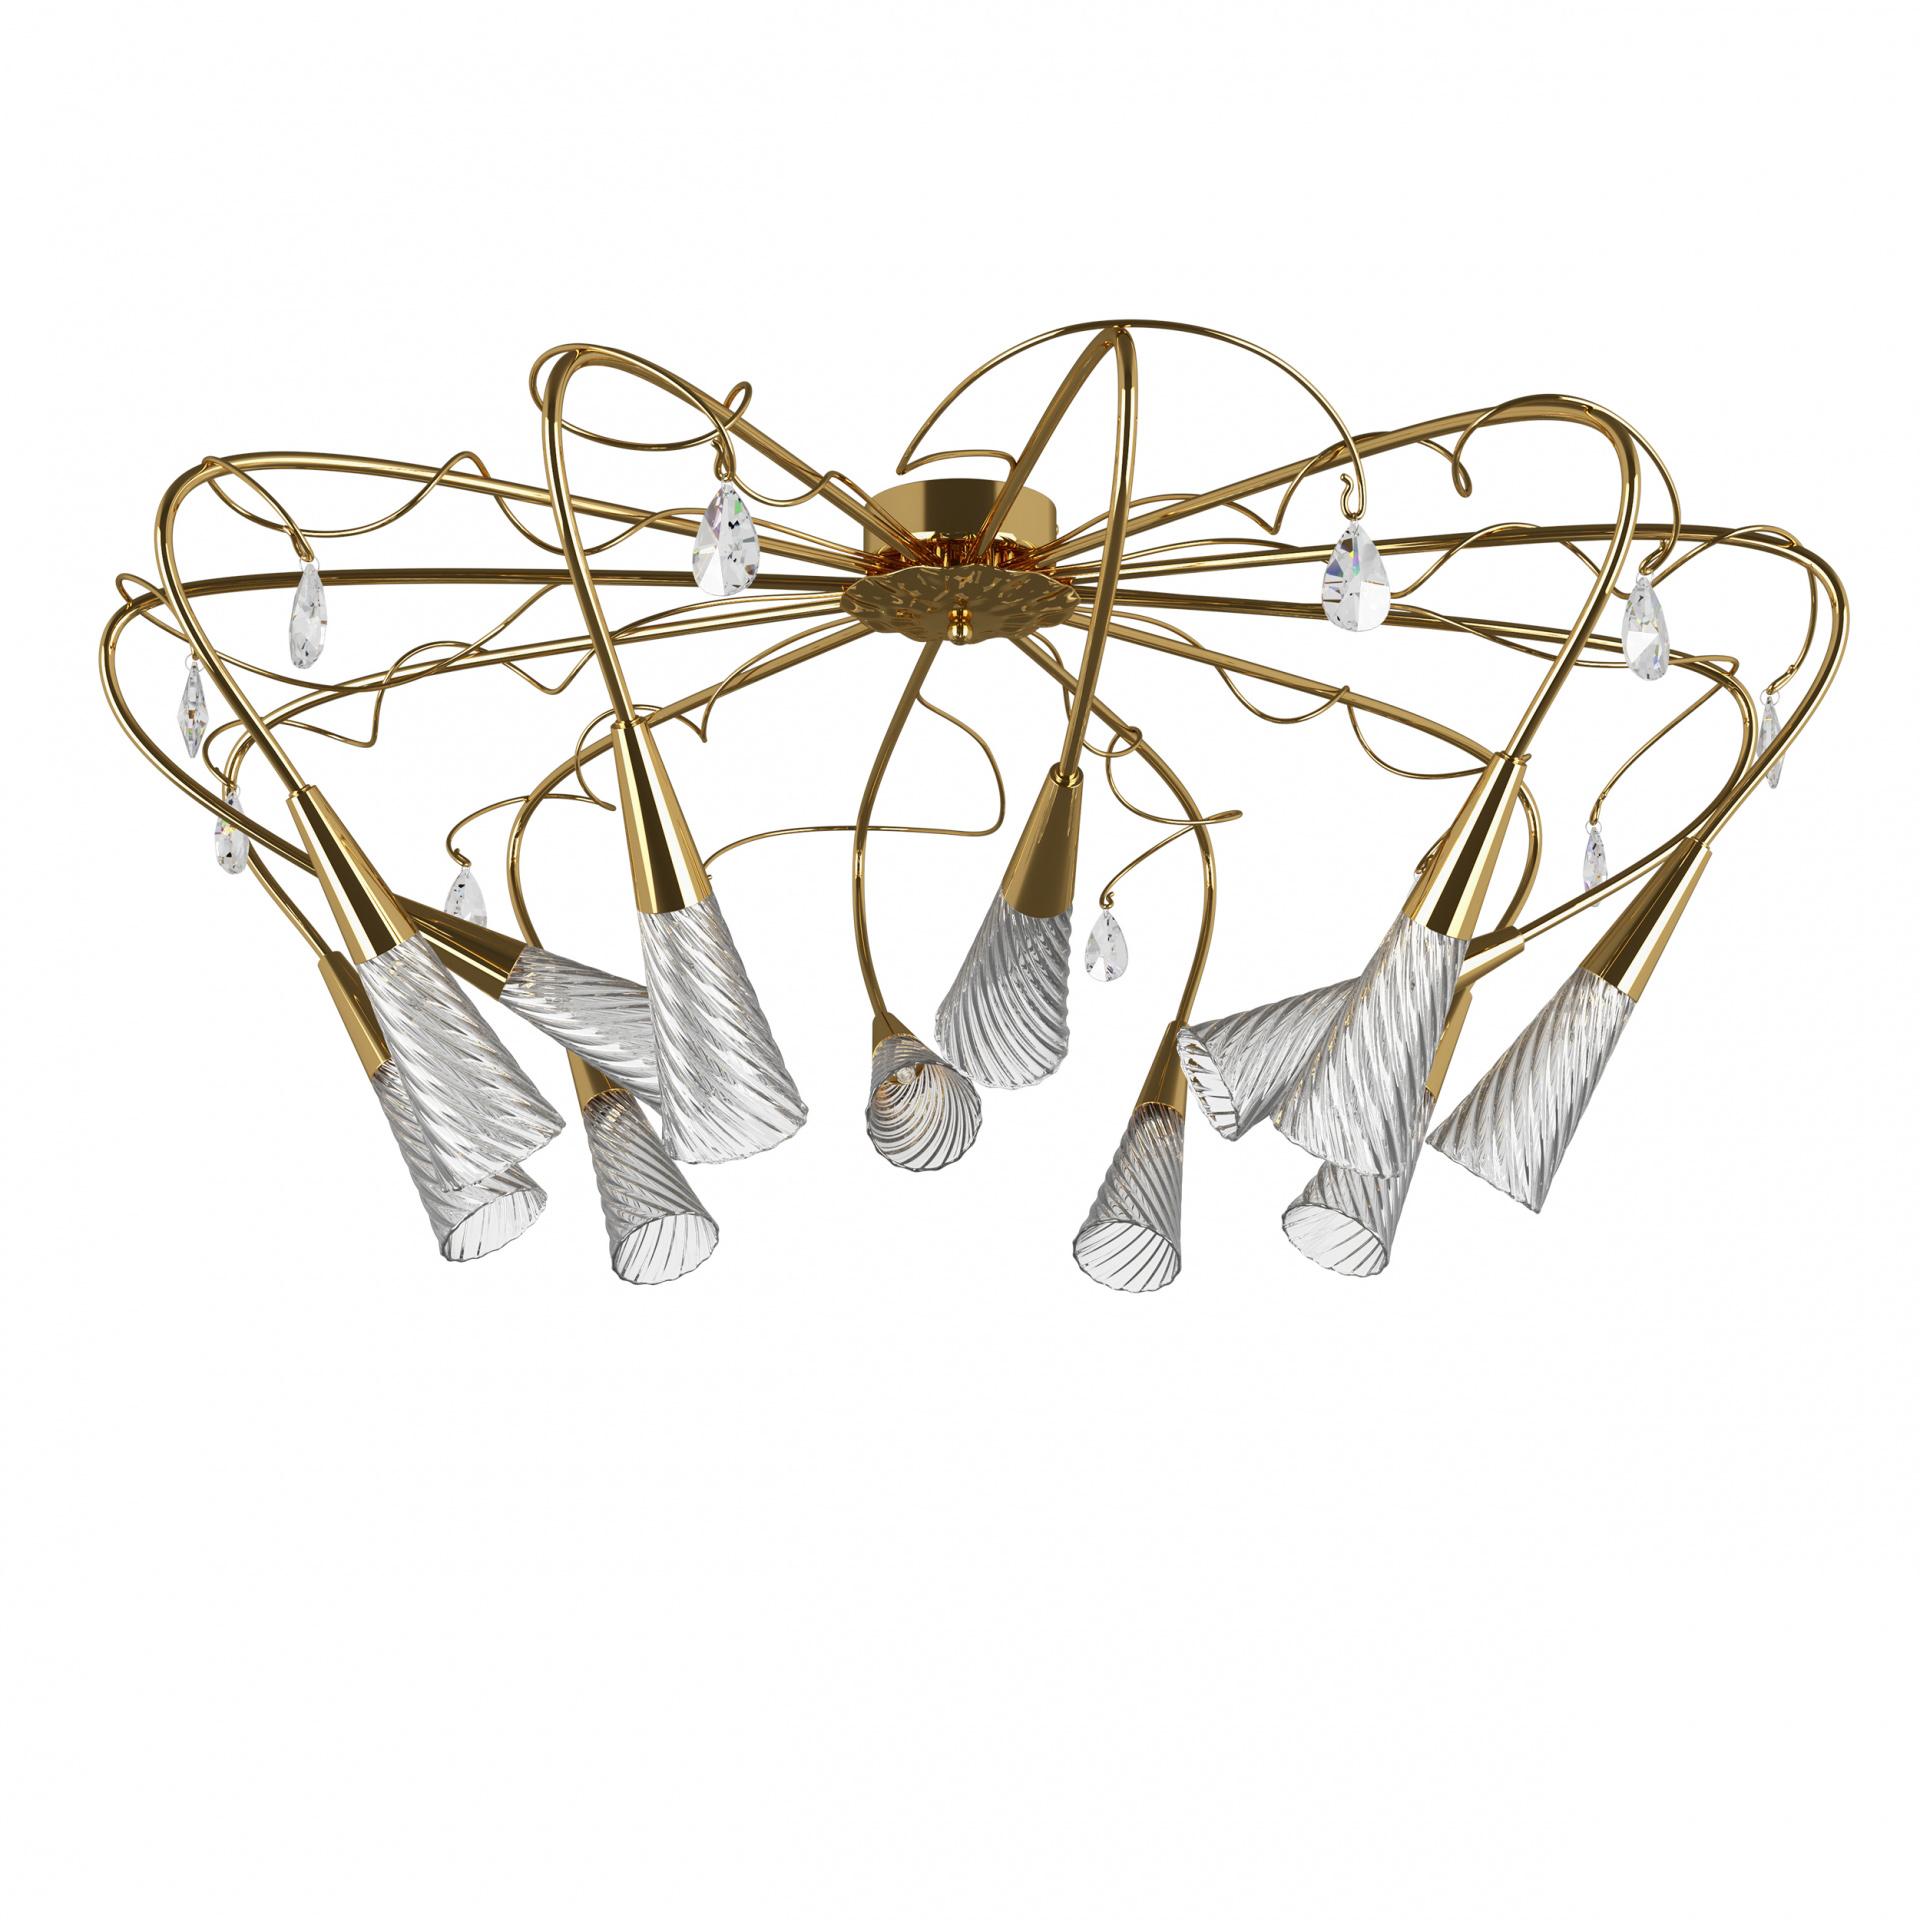 Люстра потолочная Aereo 12х25W G9 gold Lightstar 711122, купить в СПб, Москве, с доставкой, Санкт-Петербург, интернет-магазин люстр и светильников Starlight, фото в жизни